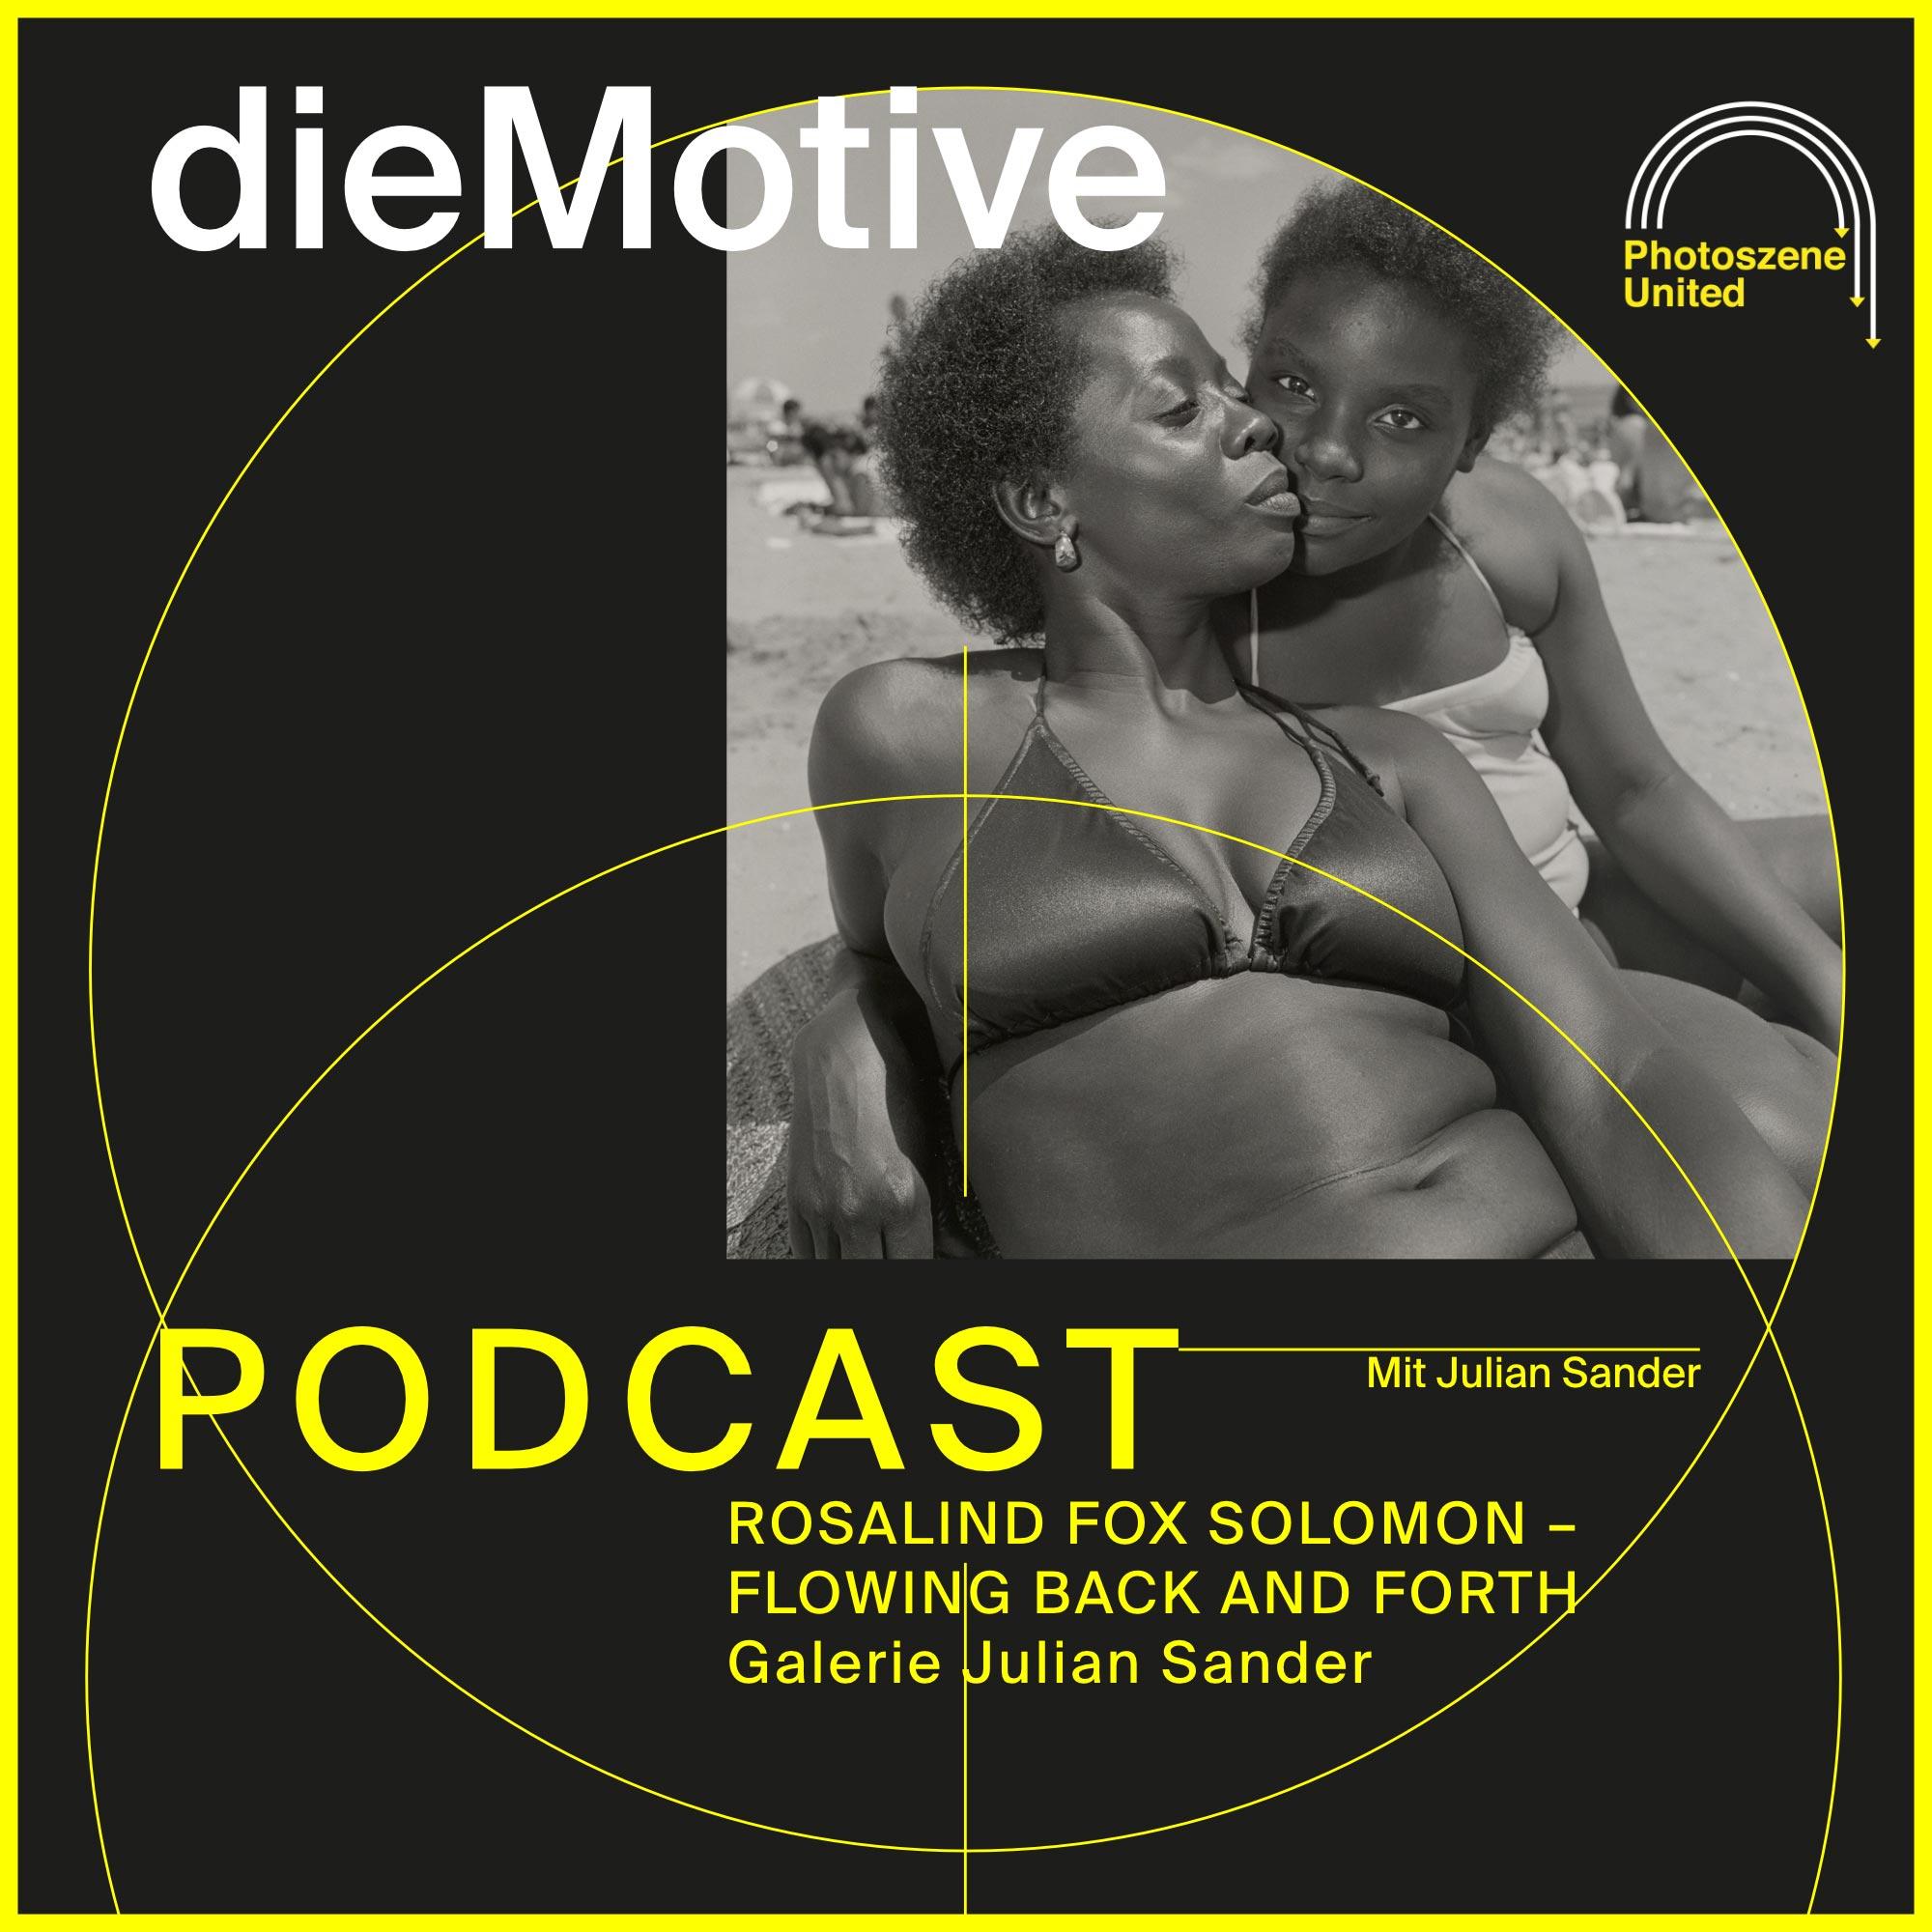 dieMotive – Photoszenespecial #6